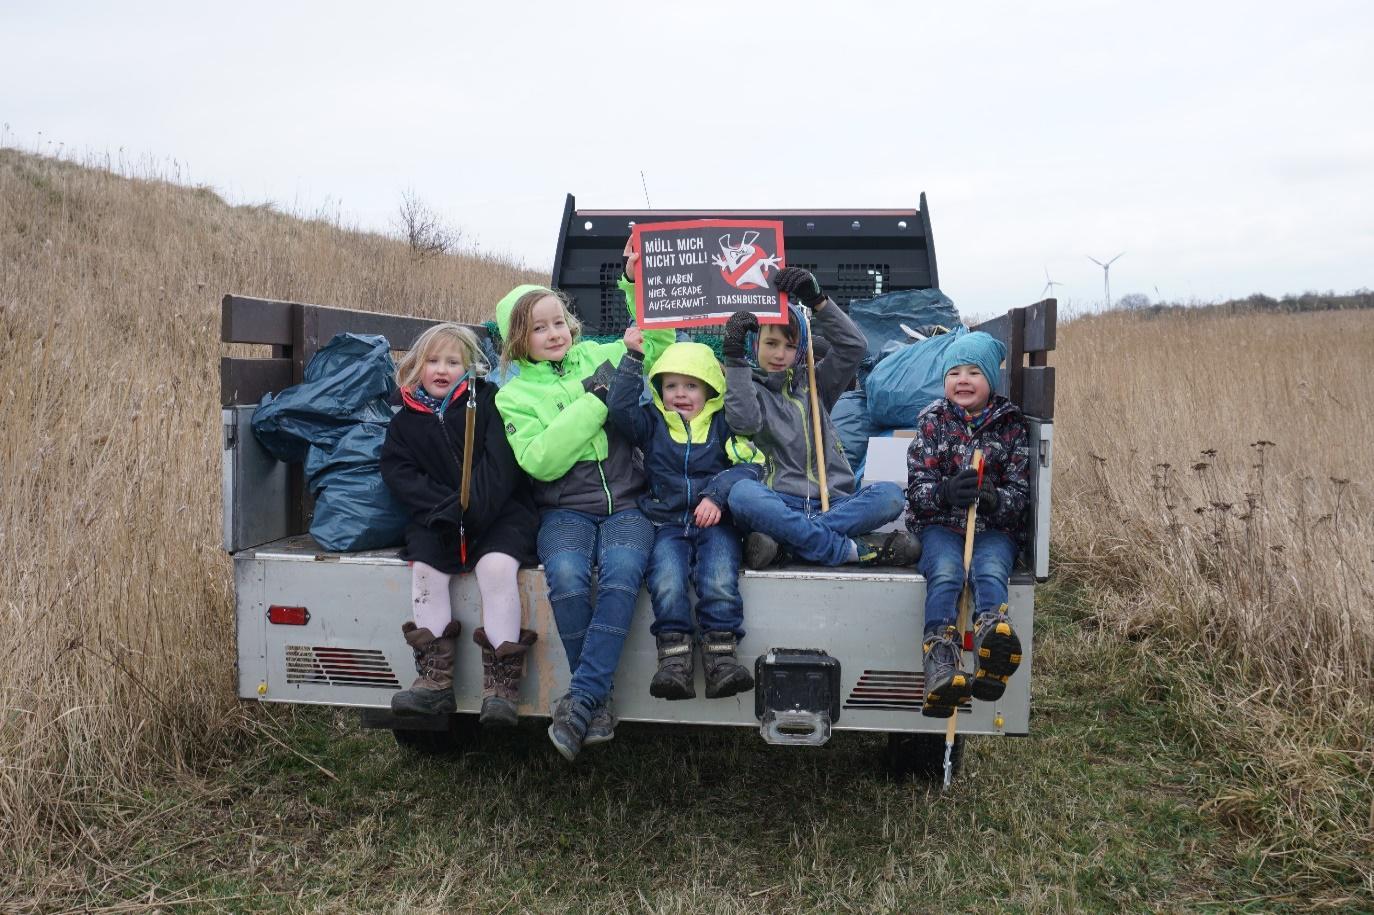 Zusammen sammelten 74 Menschen ca. 250 kg Müll und setzten so ein starkes Zeichen gegen die Verschmutzung von Warnow und Ostsee.